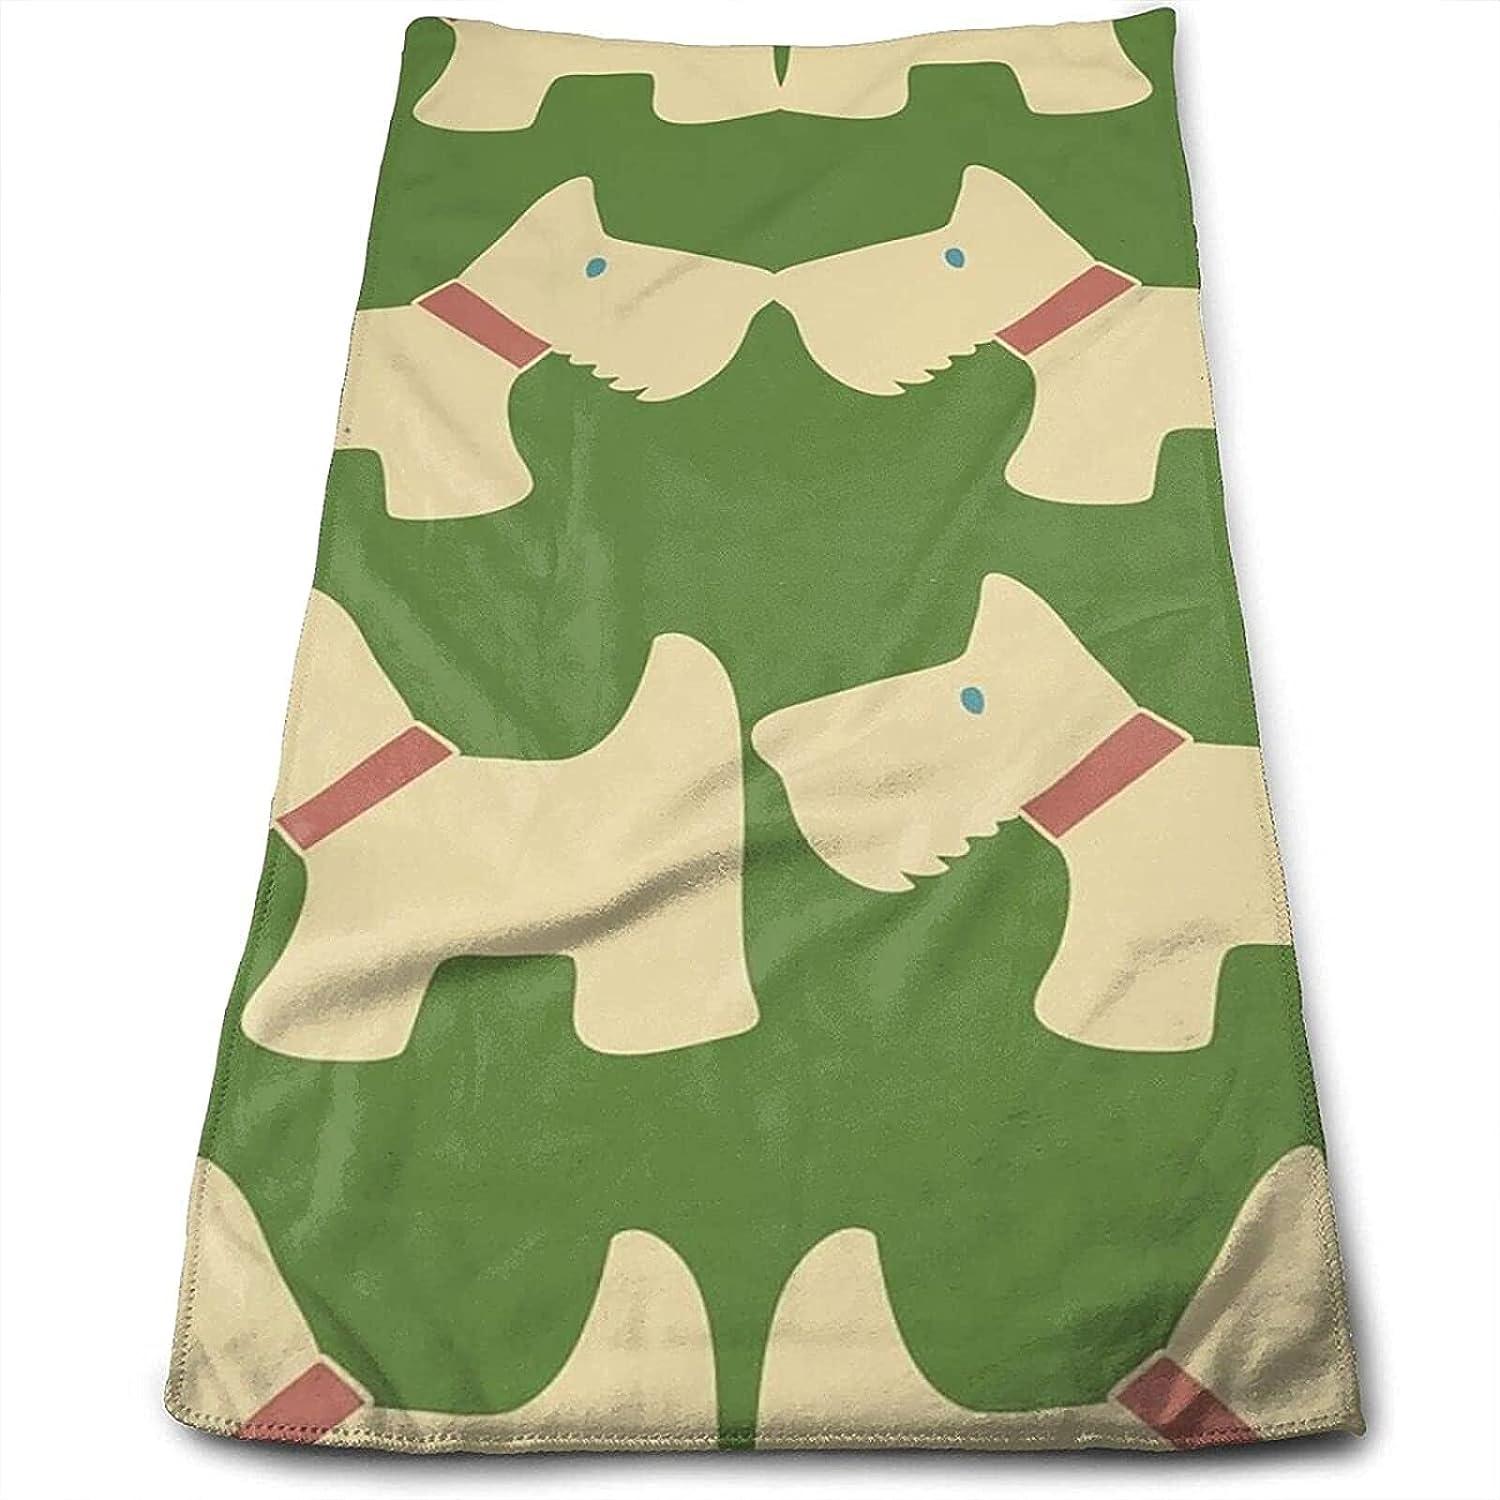 Epushow Green Children's Handkerchief Kitchen Bathroom Handkerchief Soft Polyester Microfiber